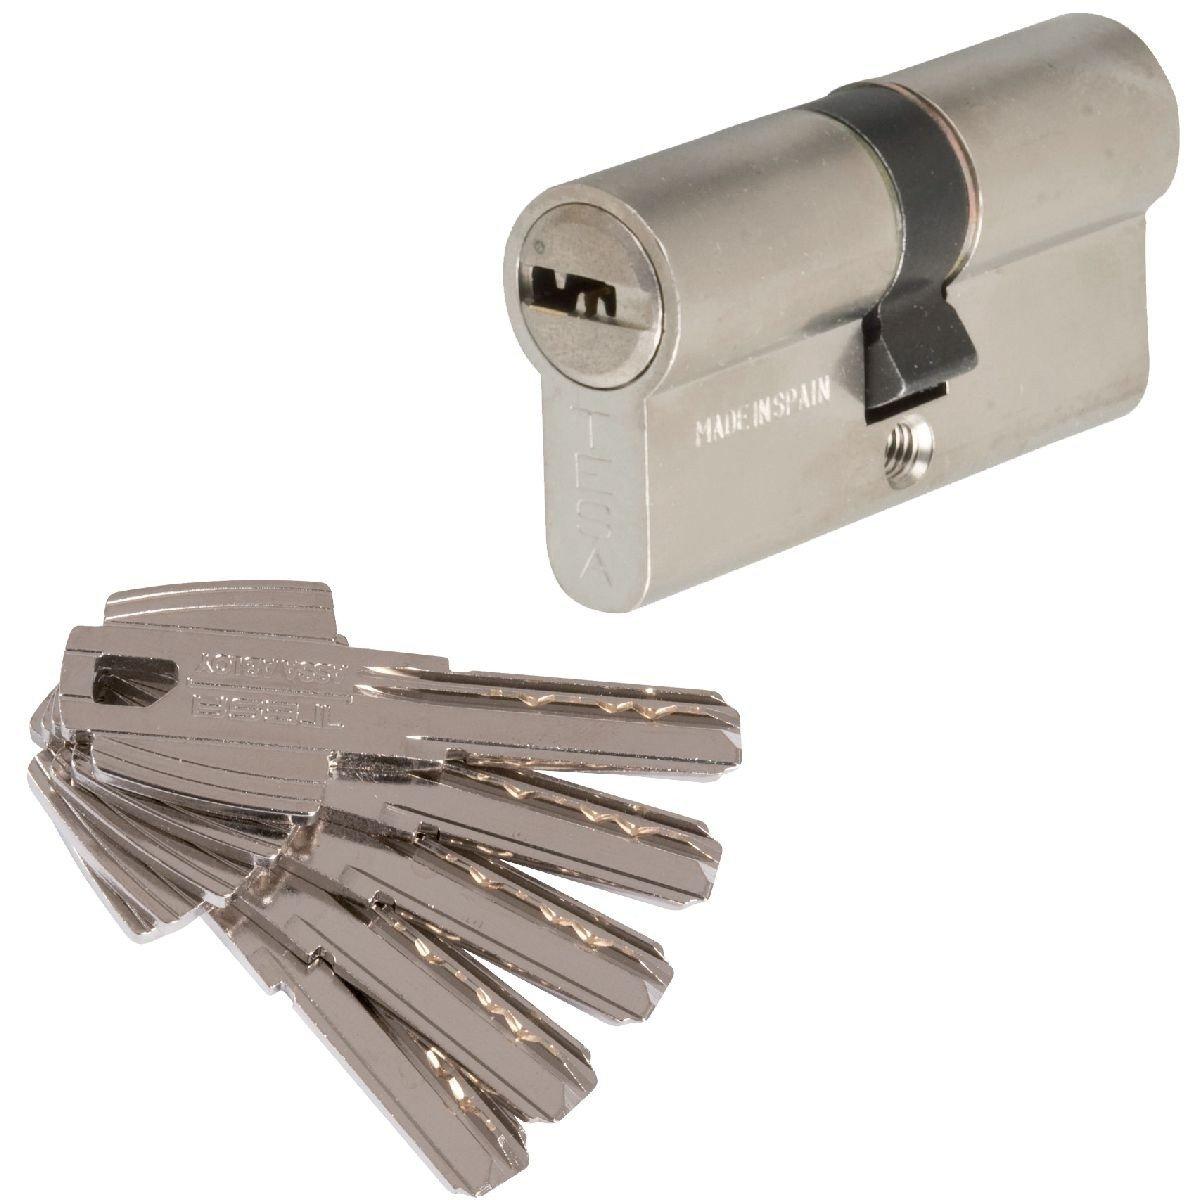 T6553030N - Cilindro de seguridad T60, 30x30 mm, Niquelado: Amazon.es: Bricolaje y herramientas